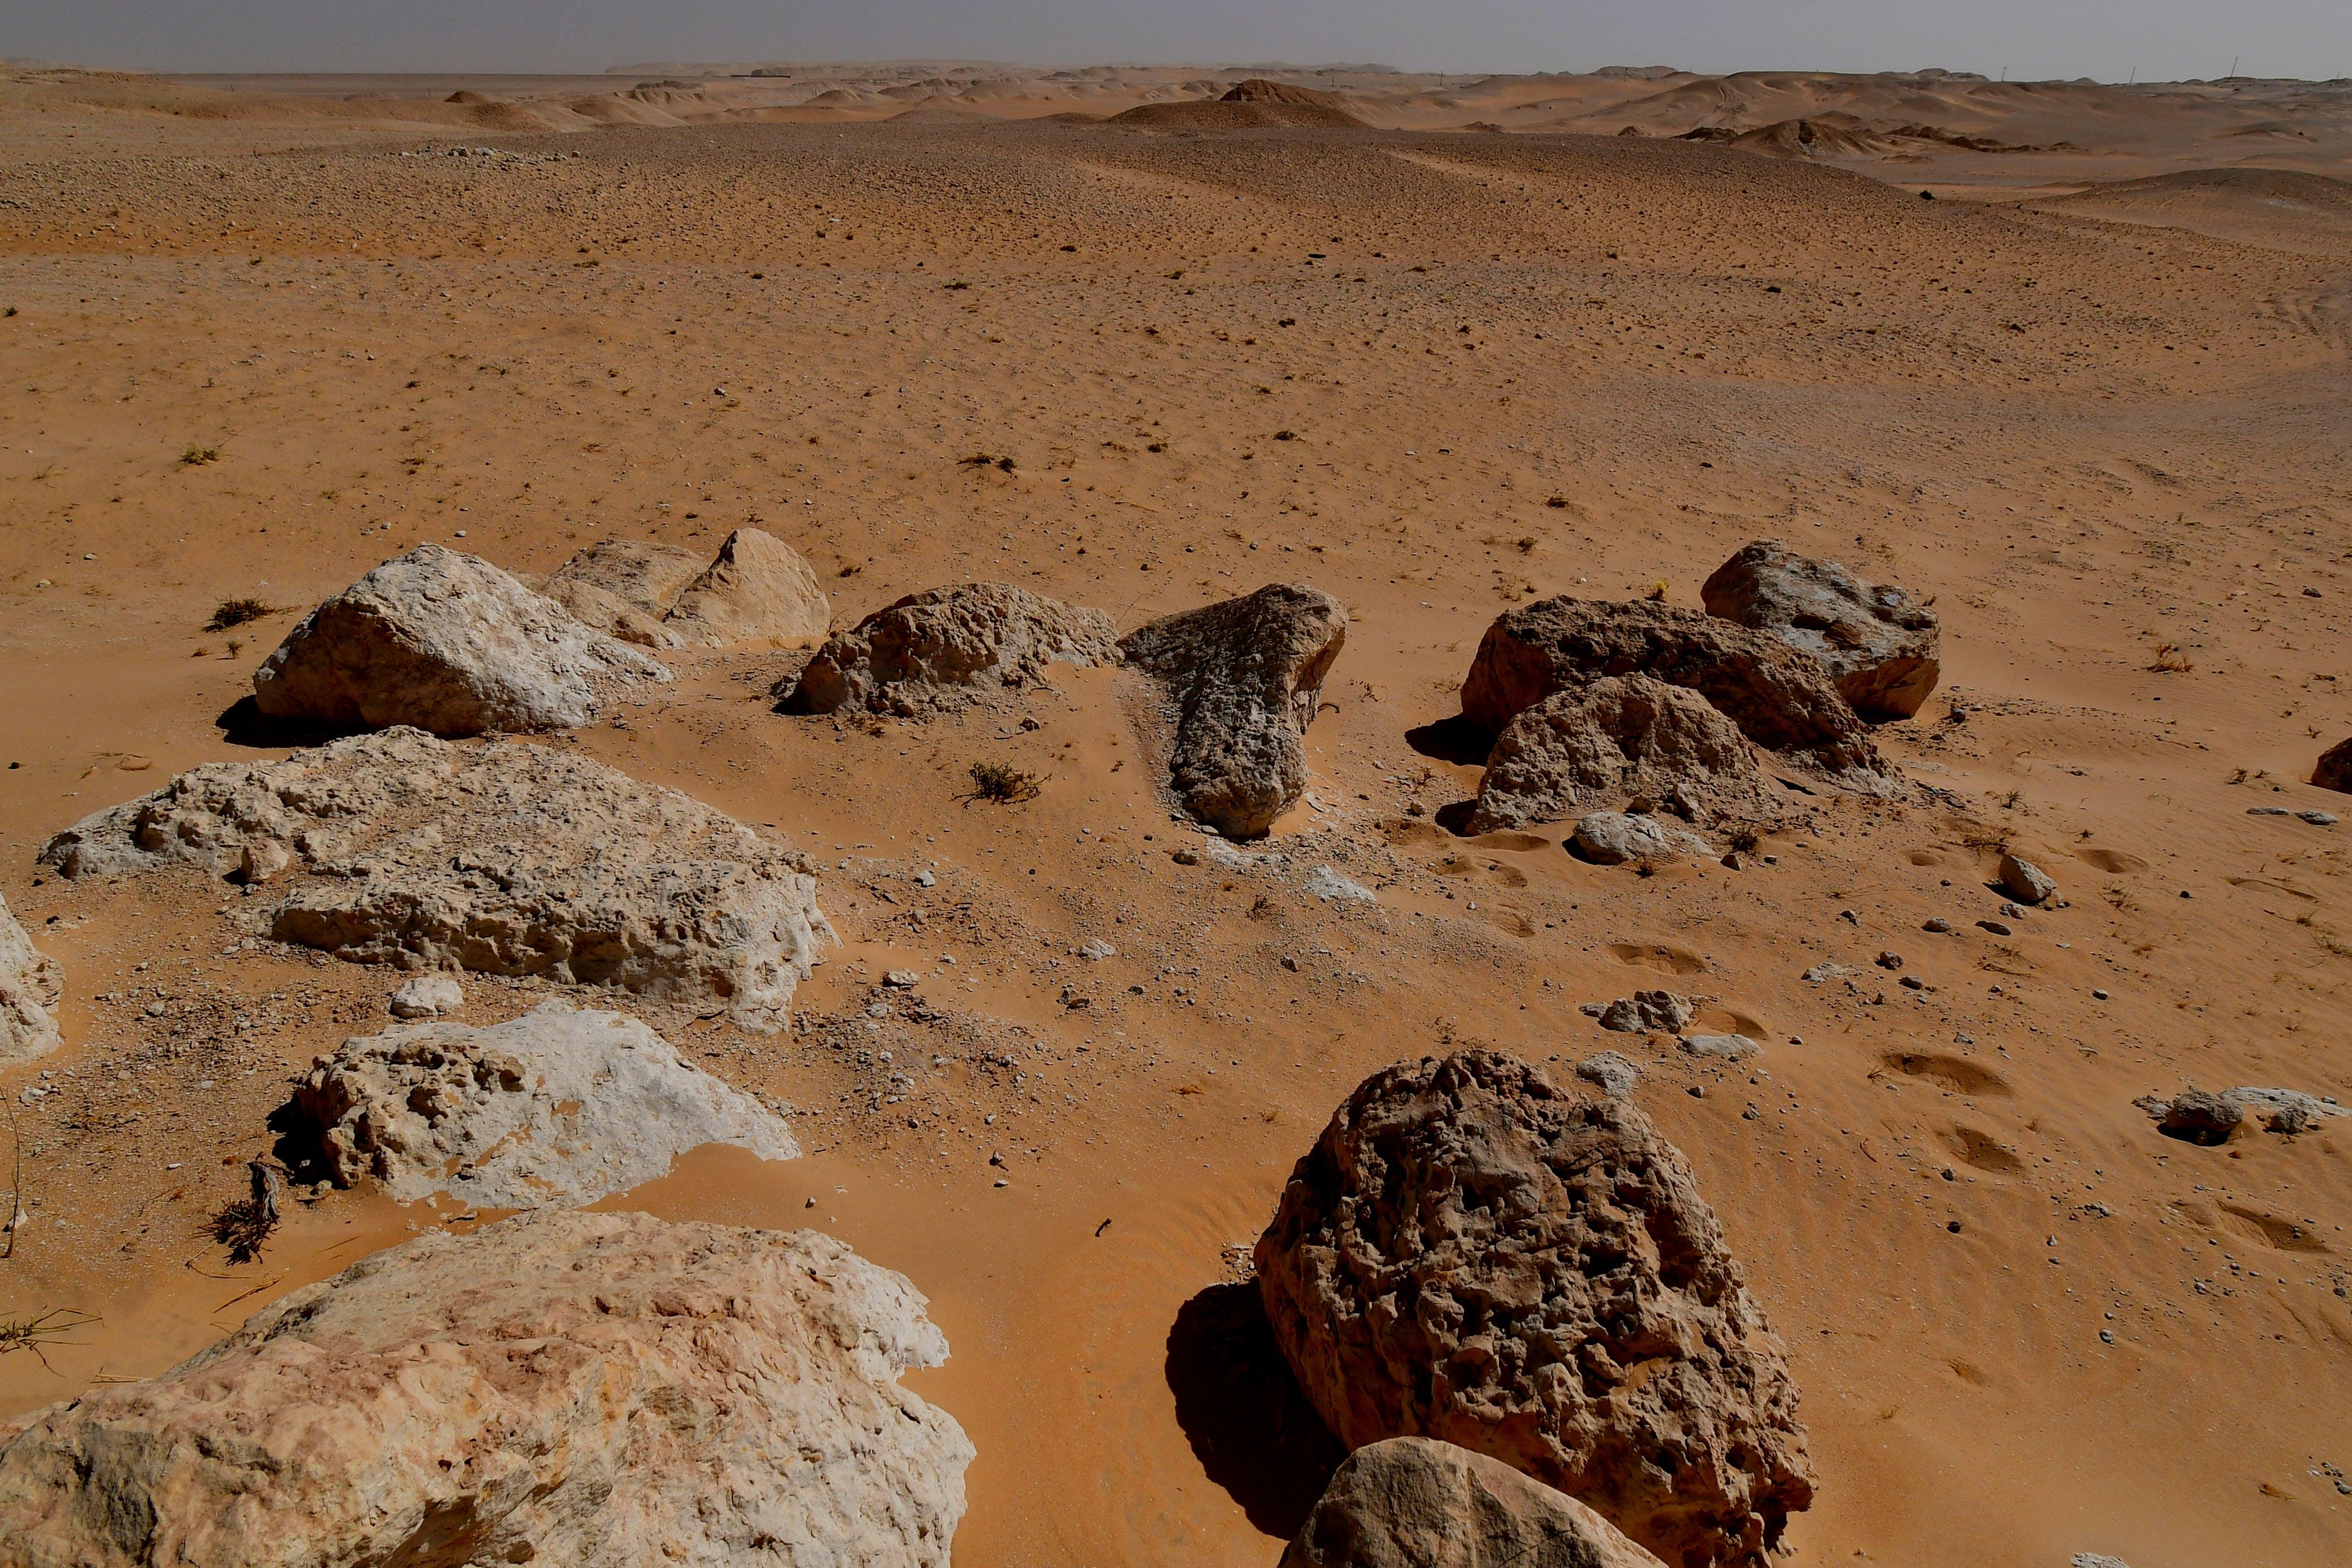 desert, deserted, rocky mountain